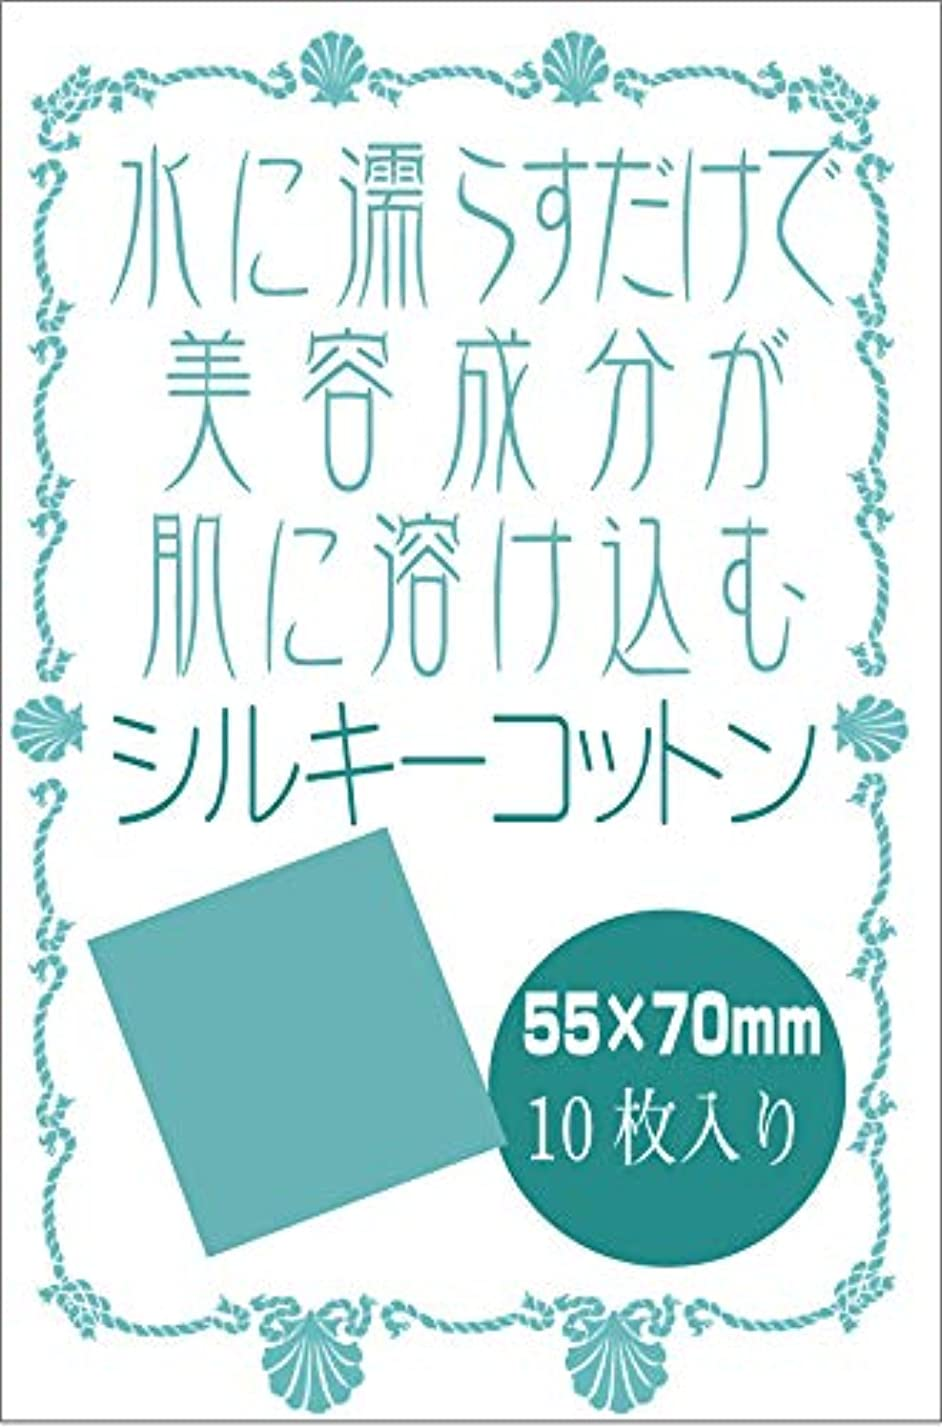 適用済みレギュラーハロウィン天然シルク100% シルキーコットンパフ 10枚入り セリシン オーガニック 絹パック 水に濡らすだけ